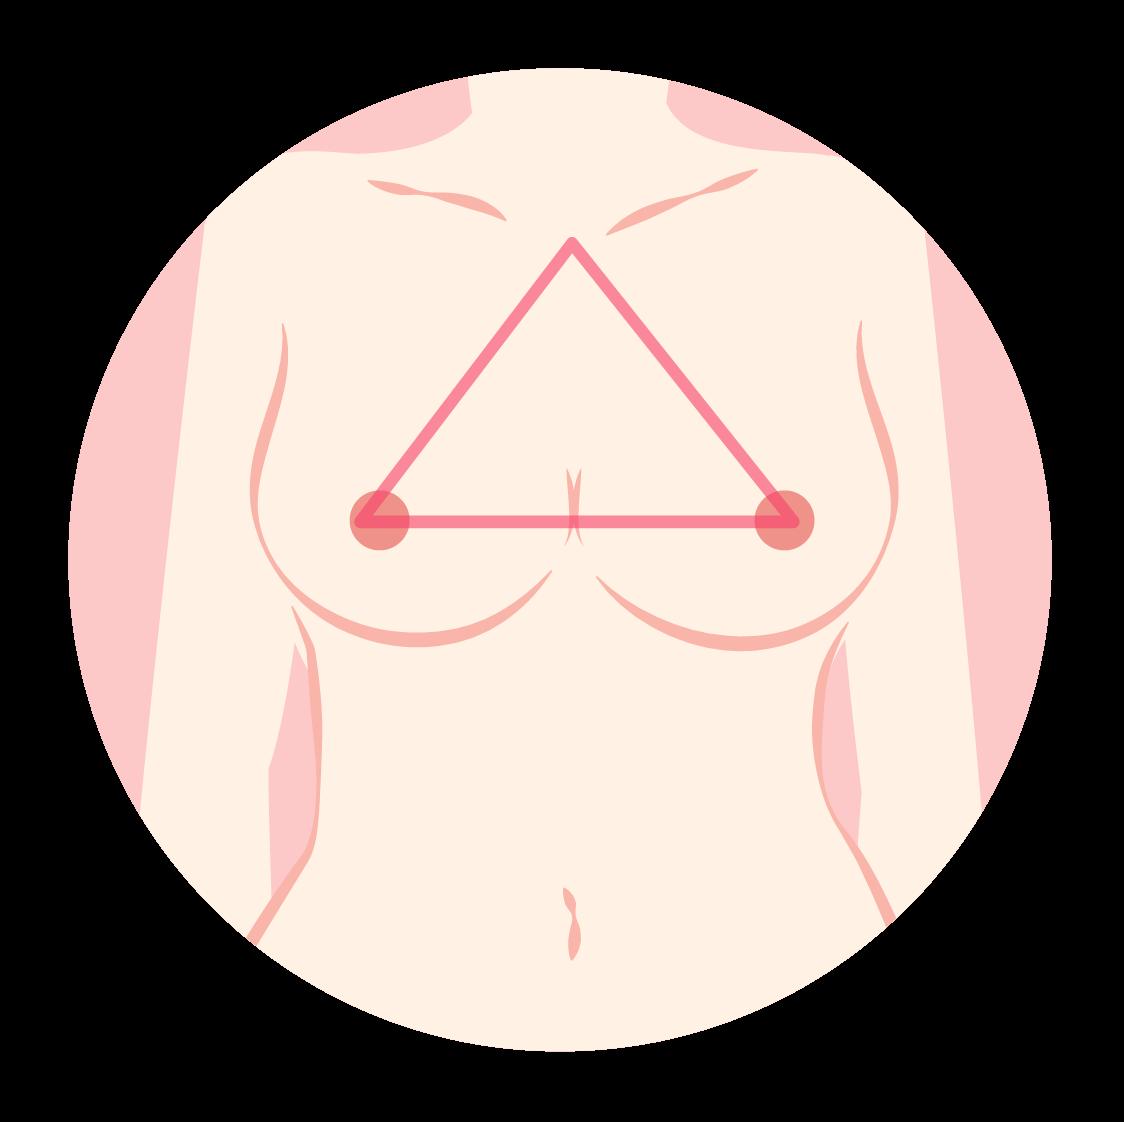 胸部黄金比例